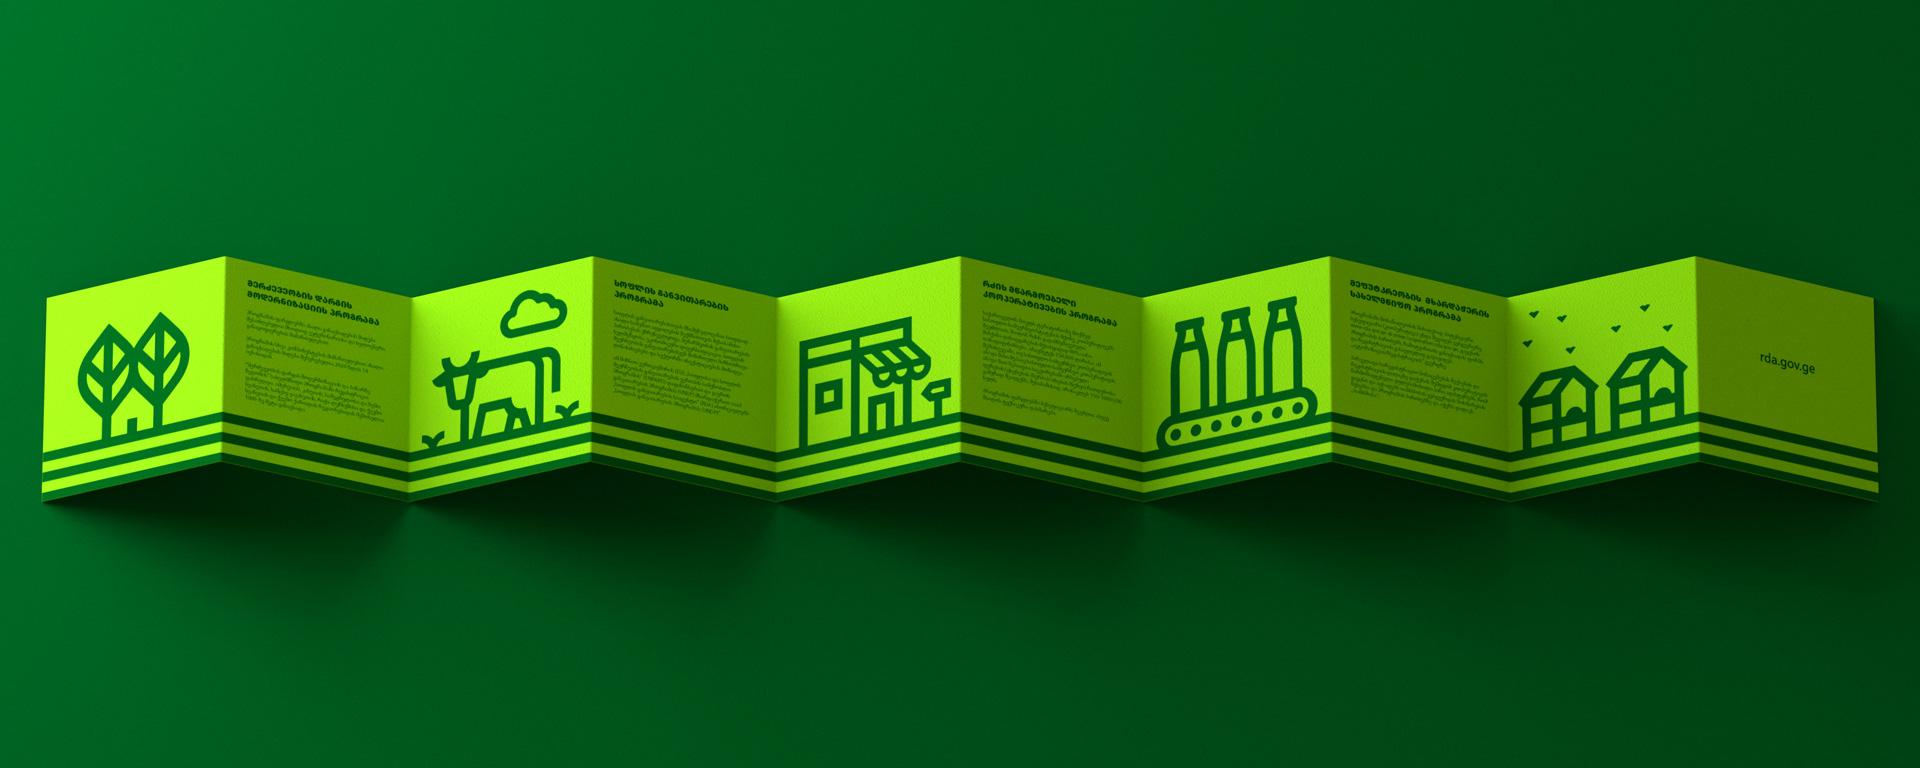 RDA-Brochure-Top-View-GreenBG–1920-q80-04